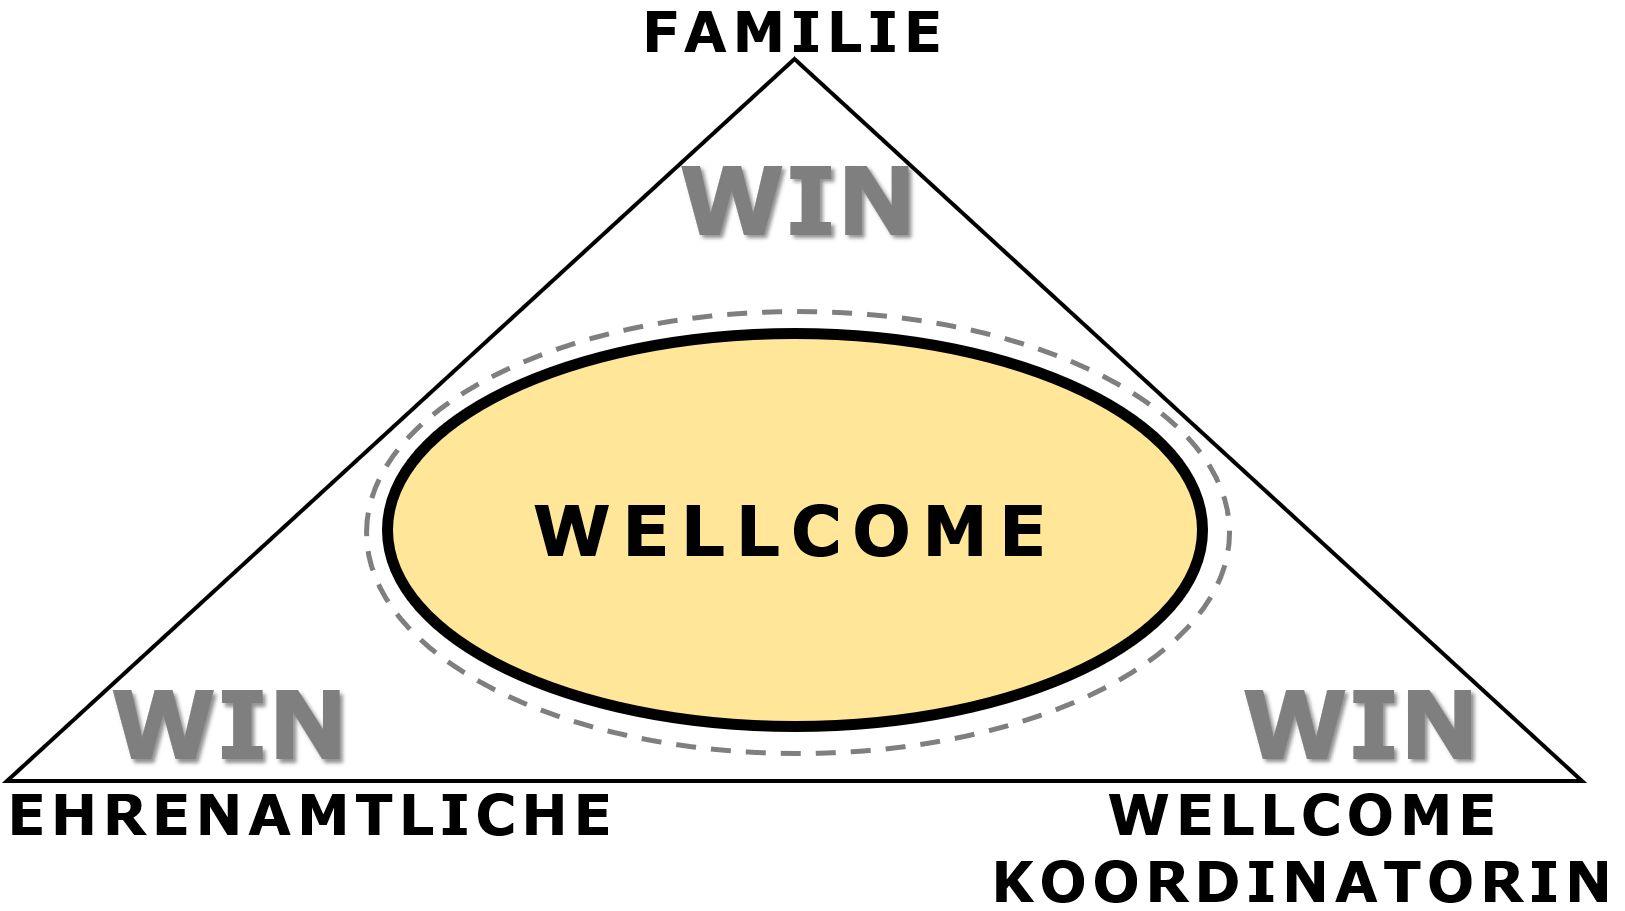 Graphik: Dreieeck, stellt die Win Win Win Situation dar